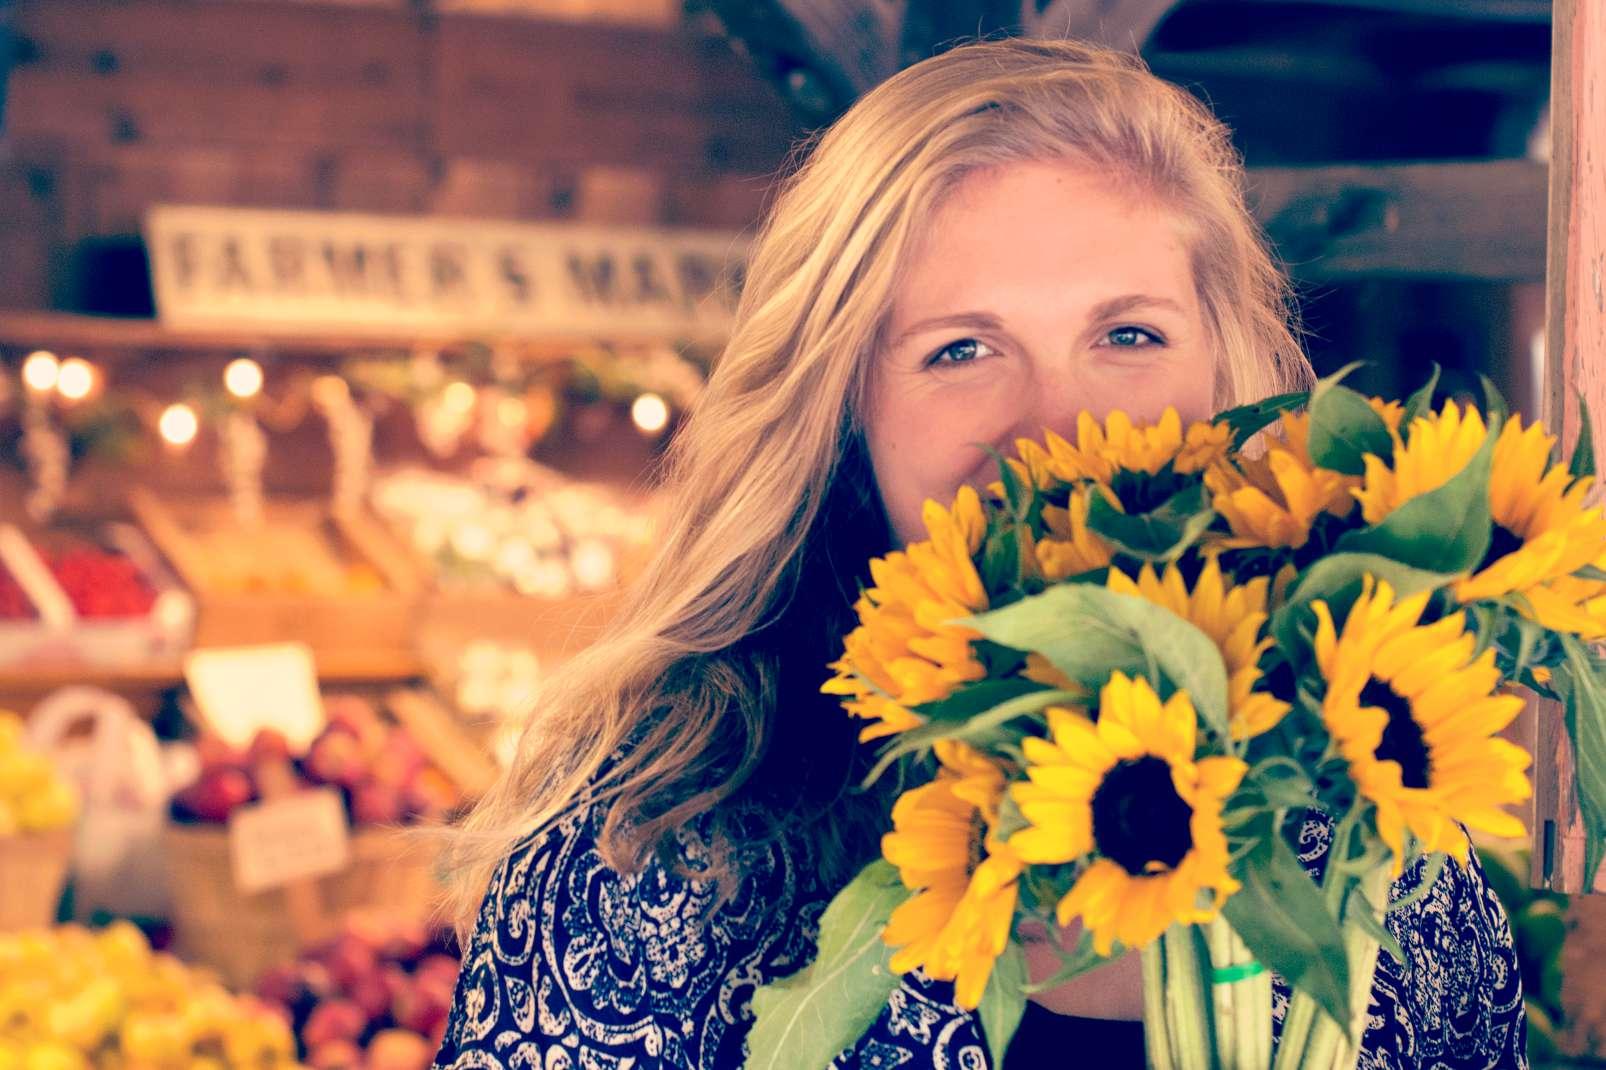 Perfect weekend flowers